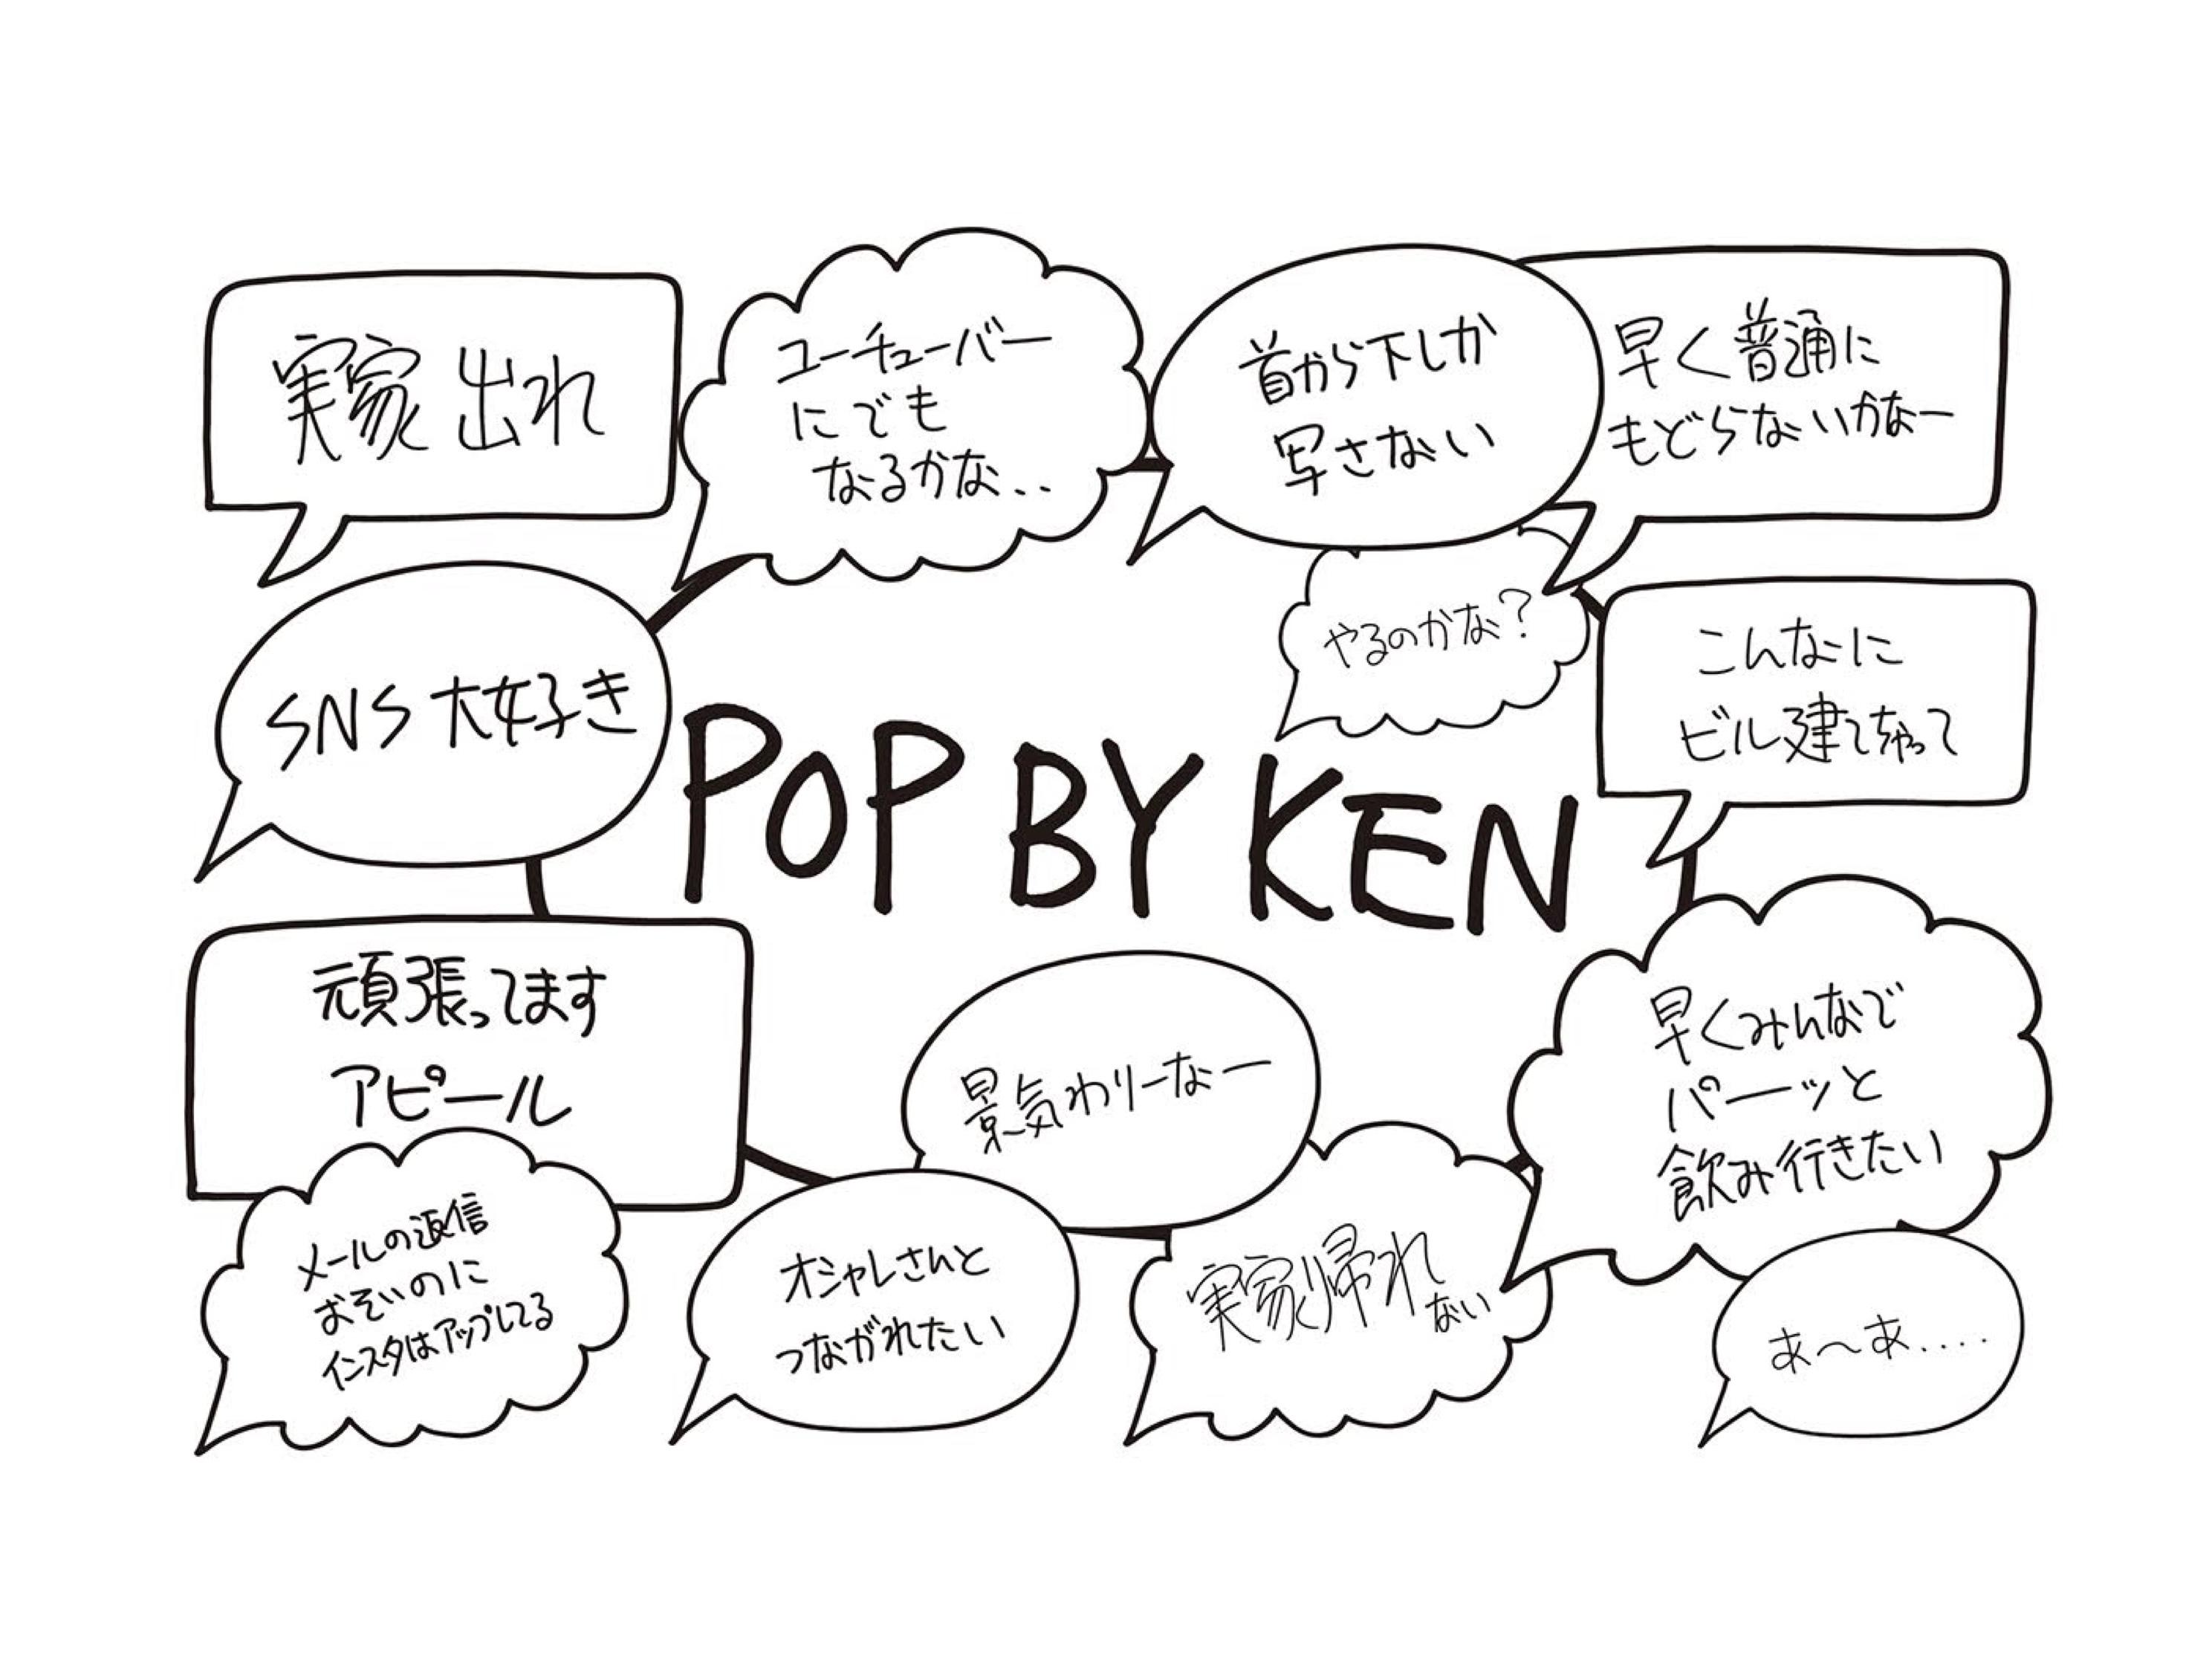 新キャラ「KEM」も登場 アーティスト加賀美健、渋谷PARCOで「POP BY KEN開催